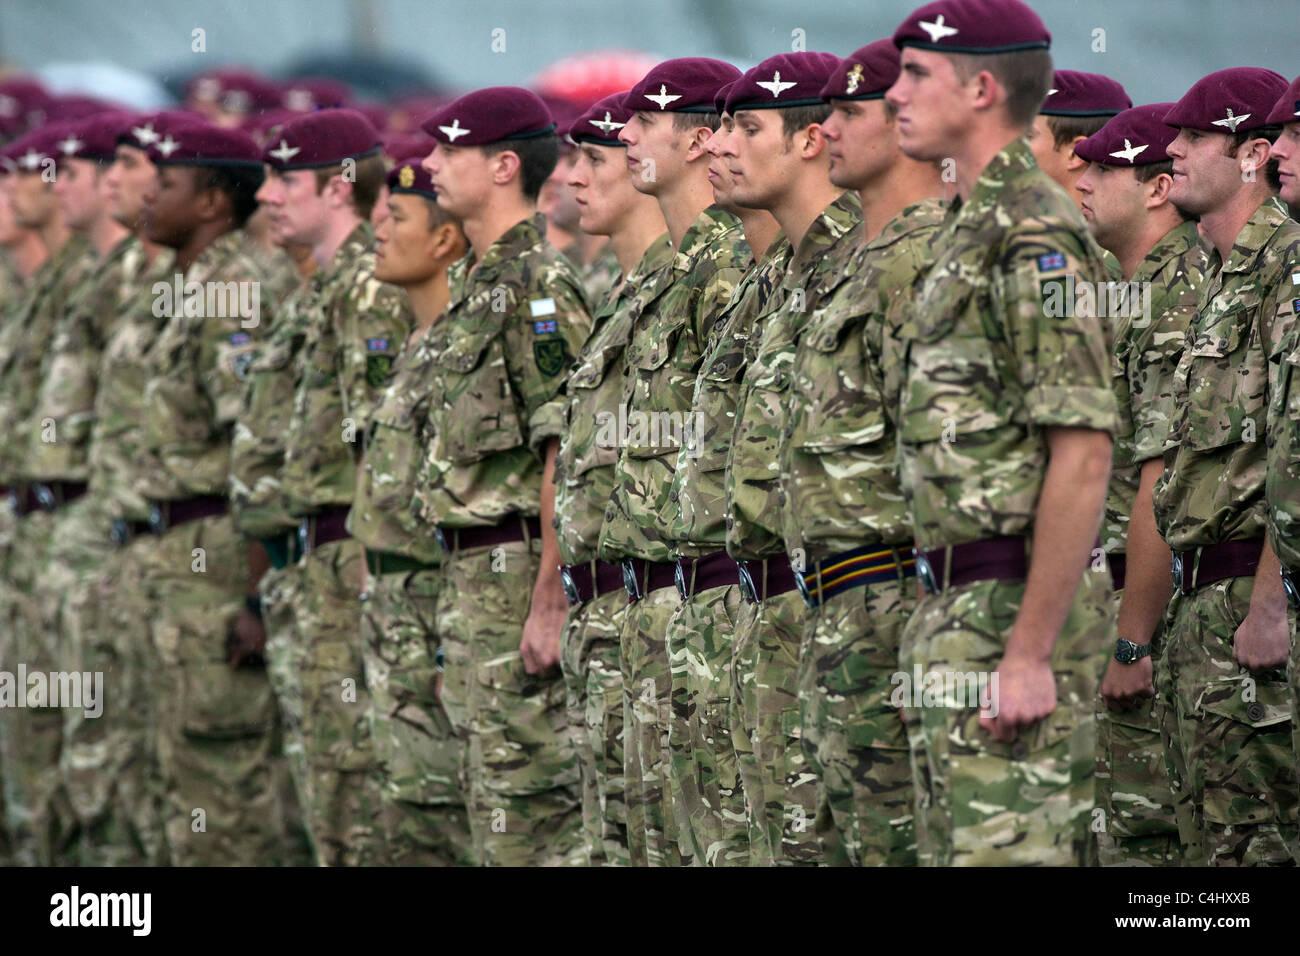 Parachute Regiment Stock Photos & Parachute Regiment Stock